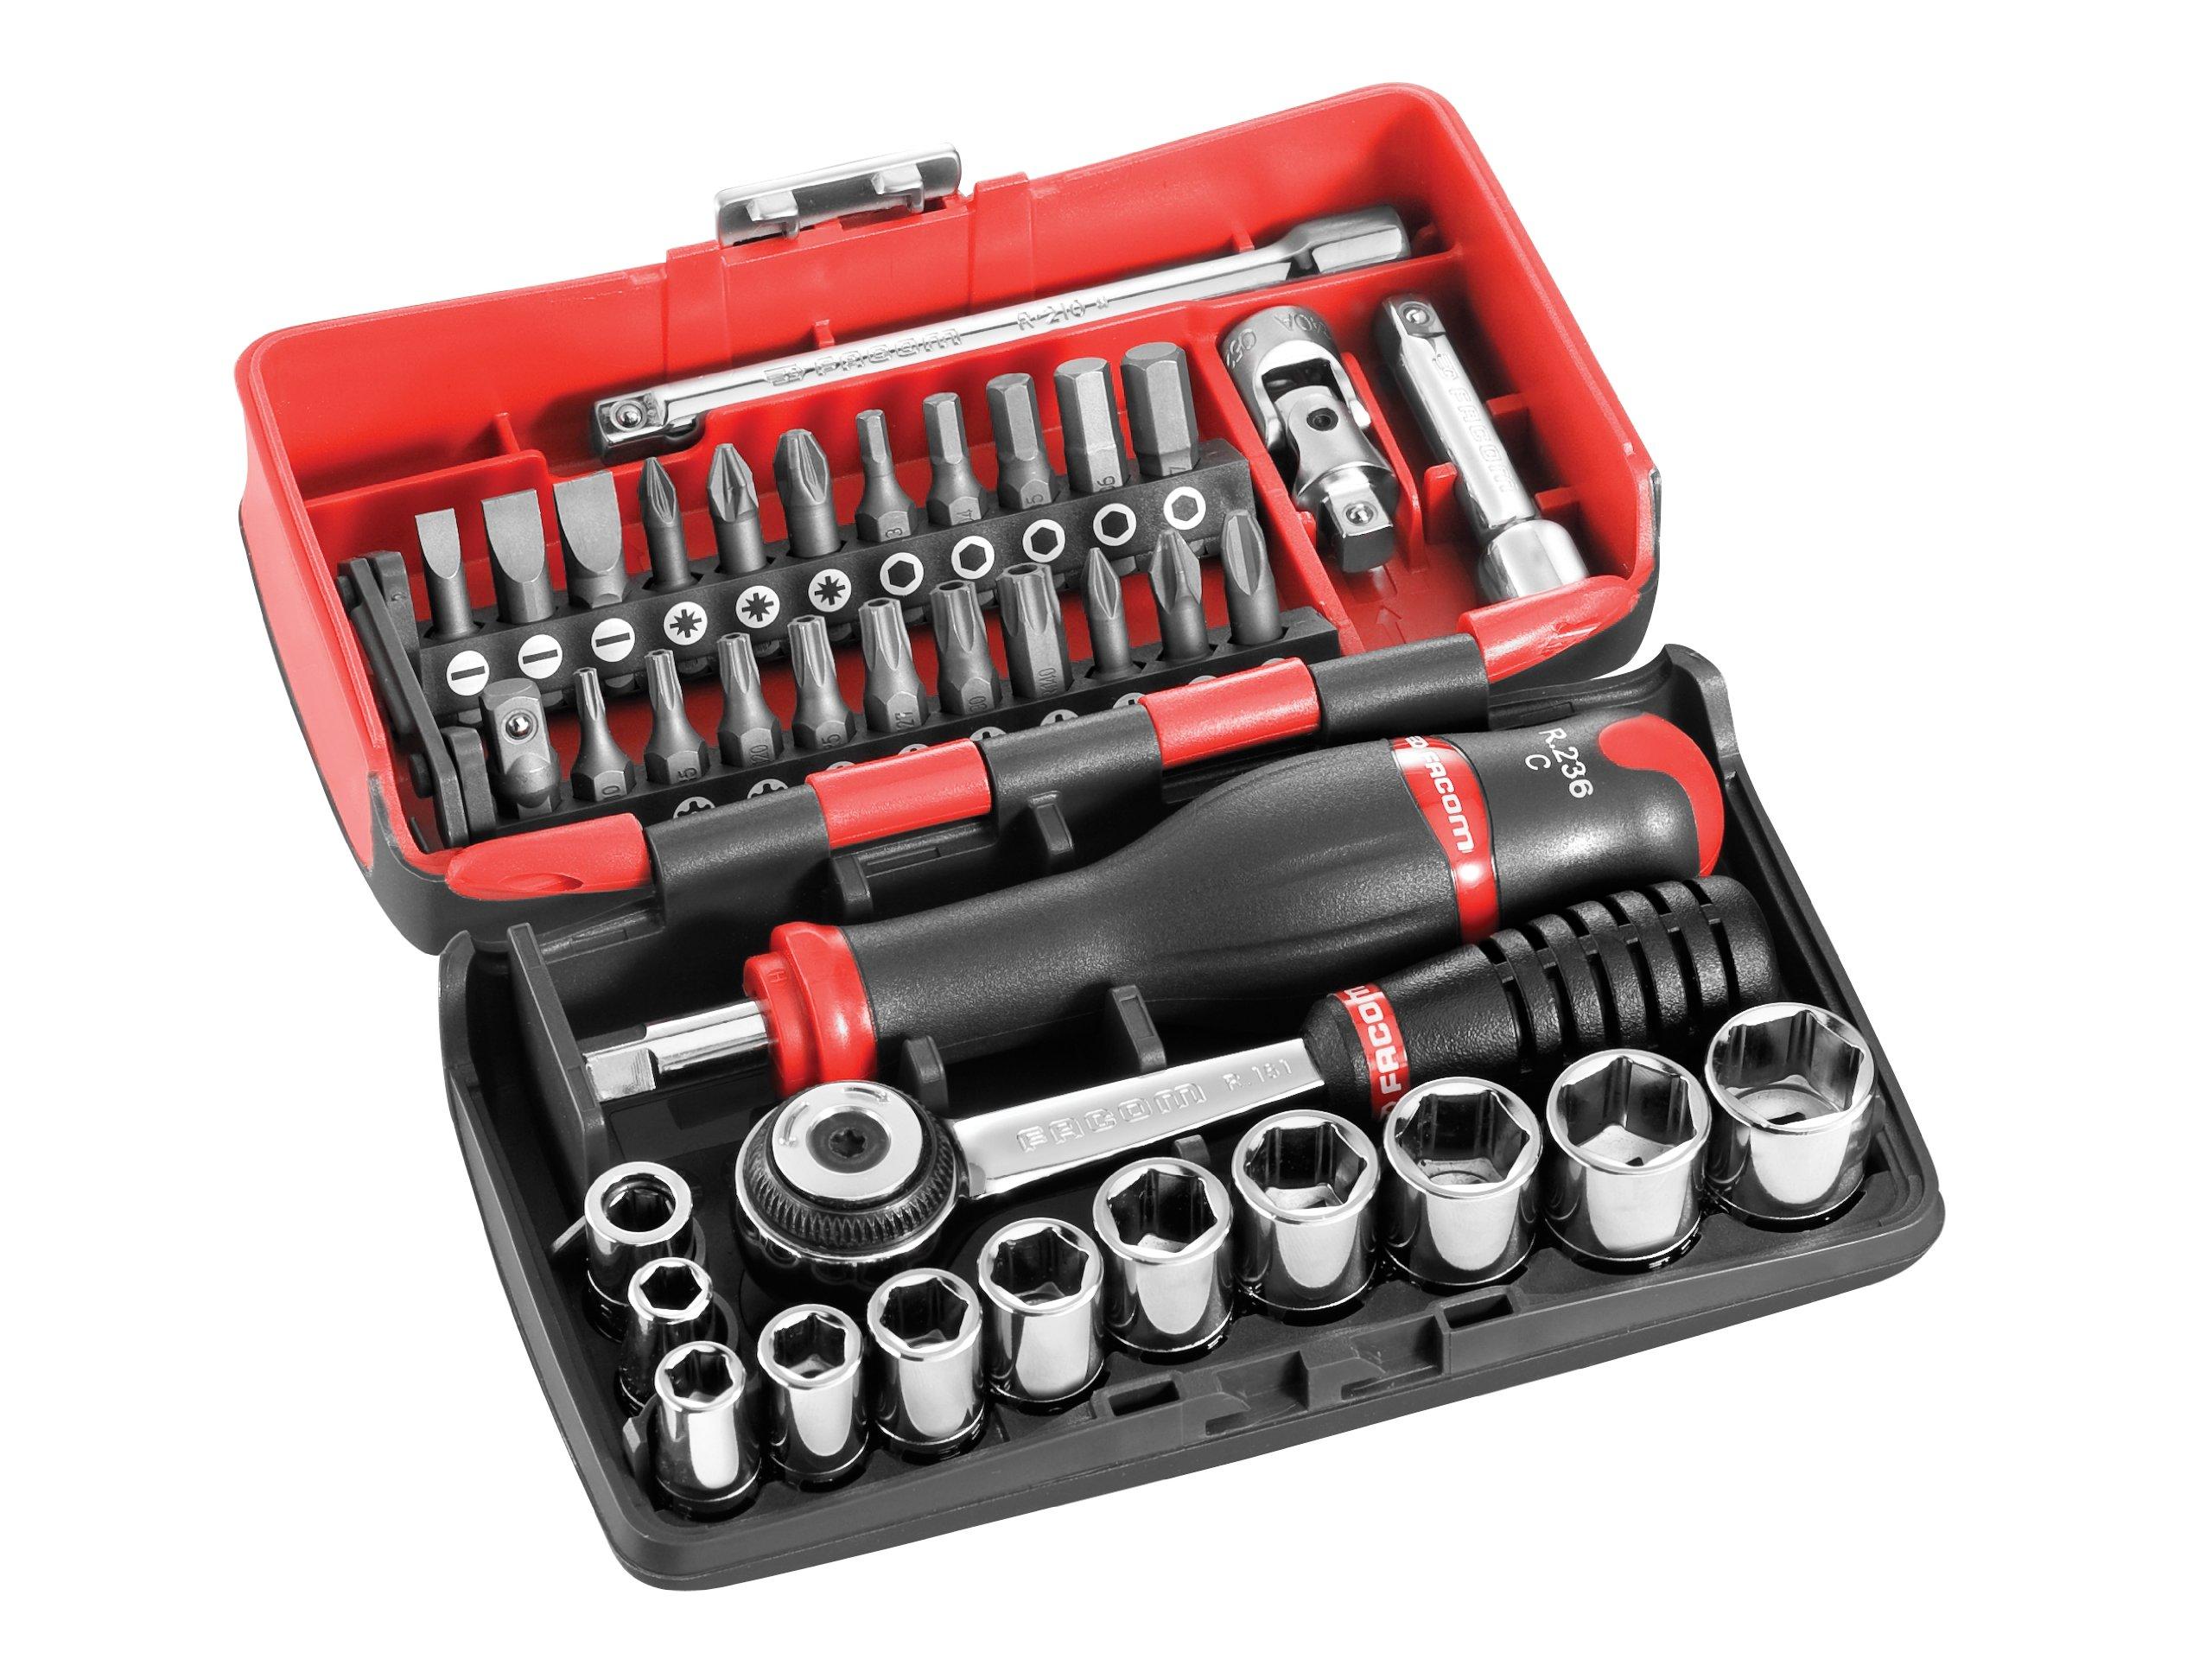 Facom R2NANO Vasos 1/4 (5,5-14 mm) +Accesorios, Rojo y negro: Amazon.es: Bricolaje y herramientas